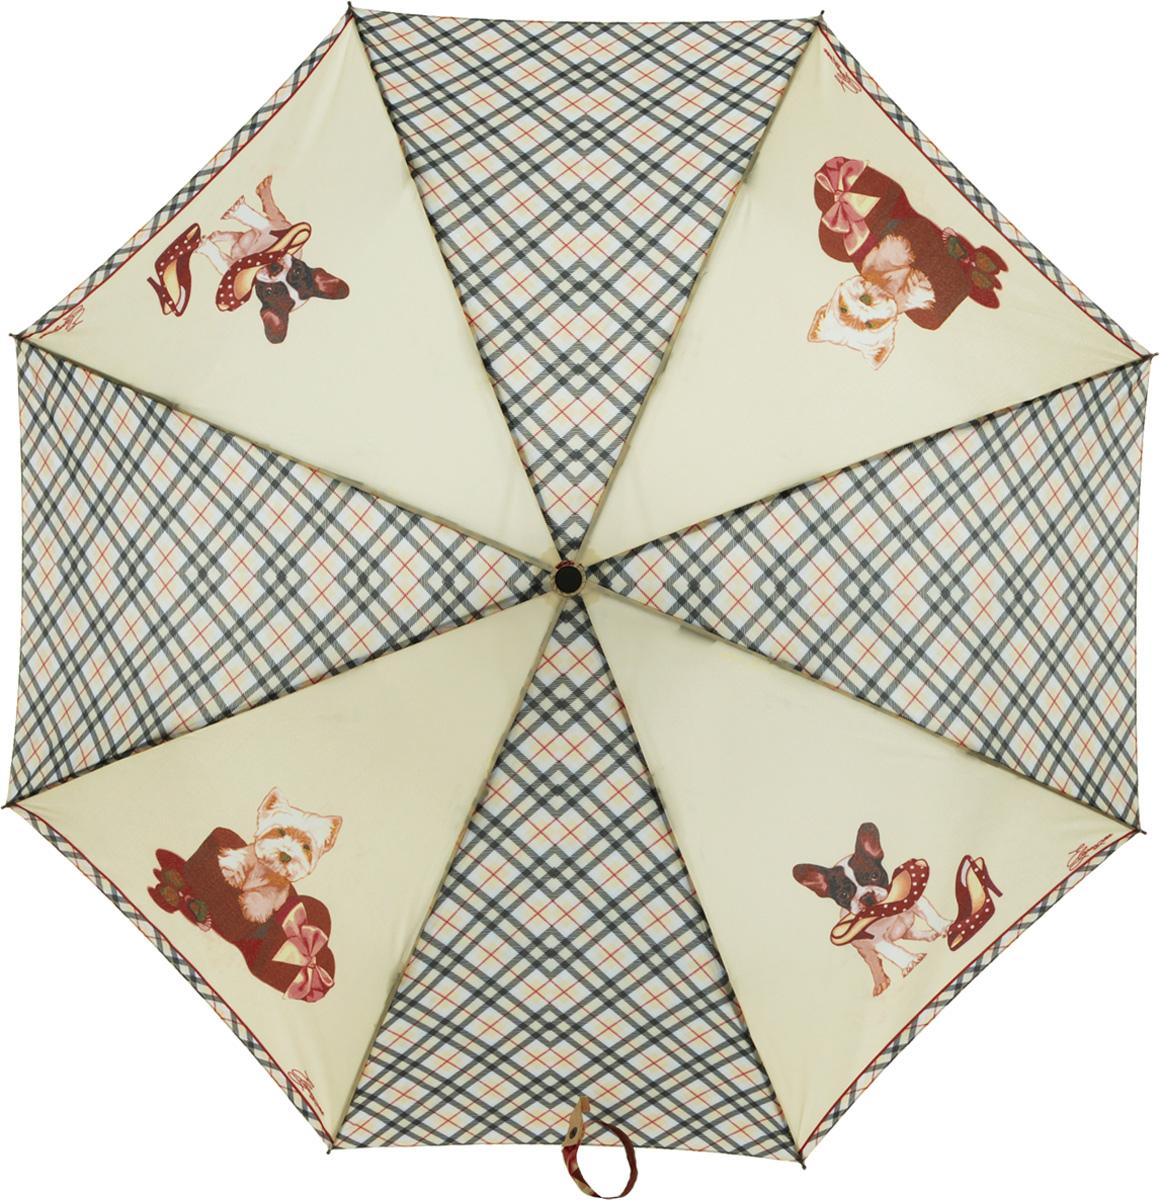 Зонт женский Eleganzza, автомат, 3 сложения, цвет: бежевый. A3-05-0260A3-05-0260Женский зонт-автомат ELEGANZZA. Материал купола 100% полиэстер, эпонж. Материал каркаса: сталь + фибергласс. Материал ручки: пластик. Длина изделия - 28 см, диаметр купола - 98 см.